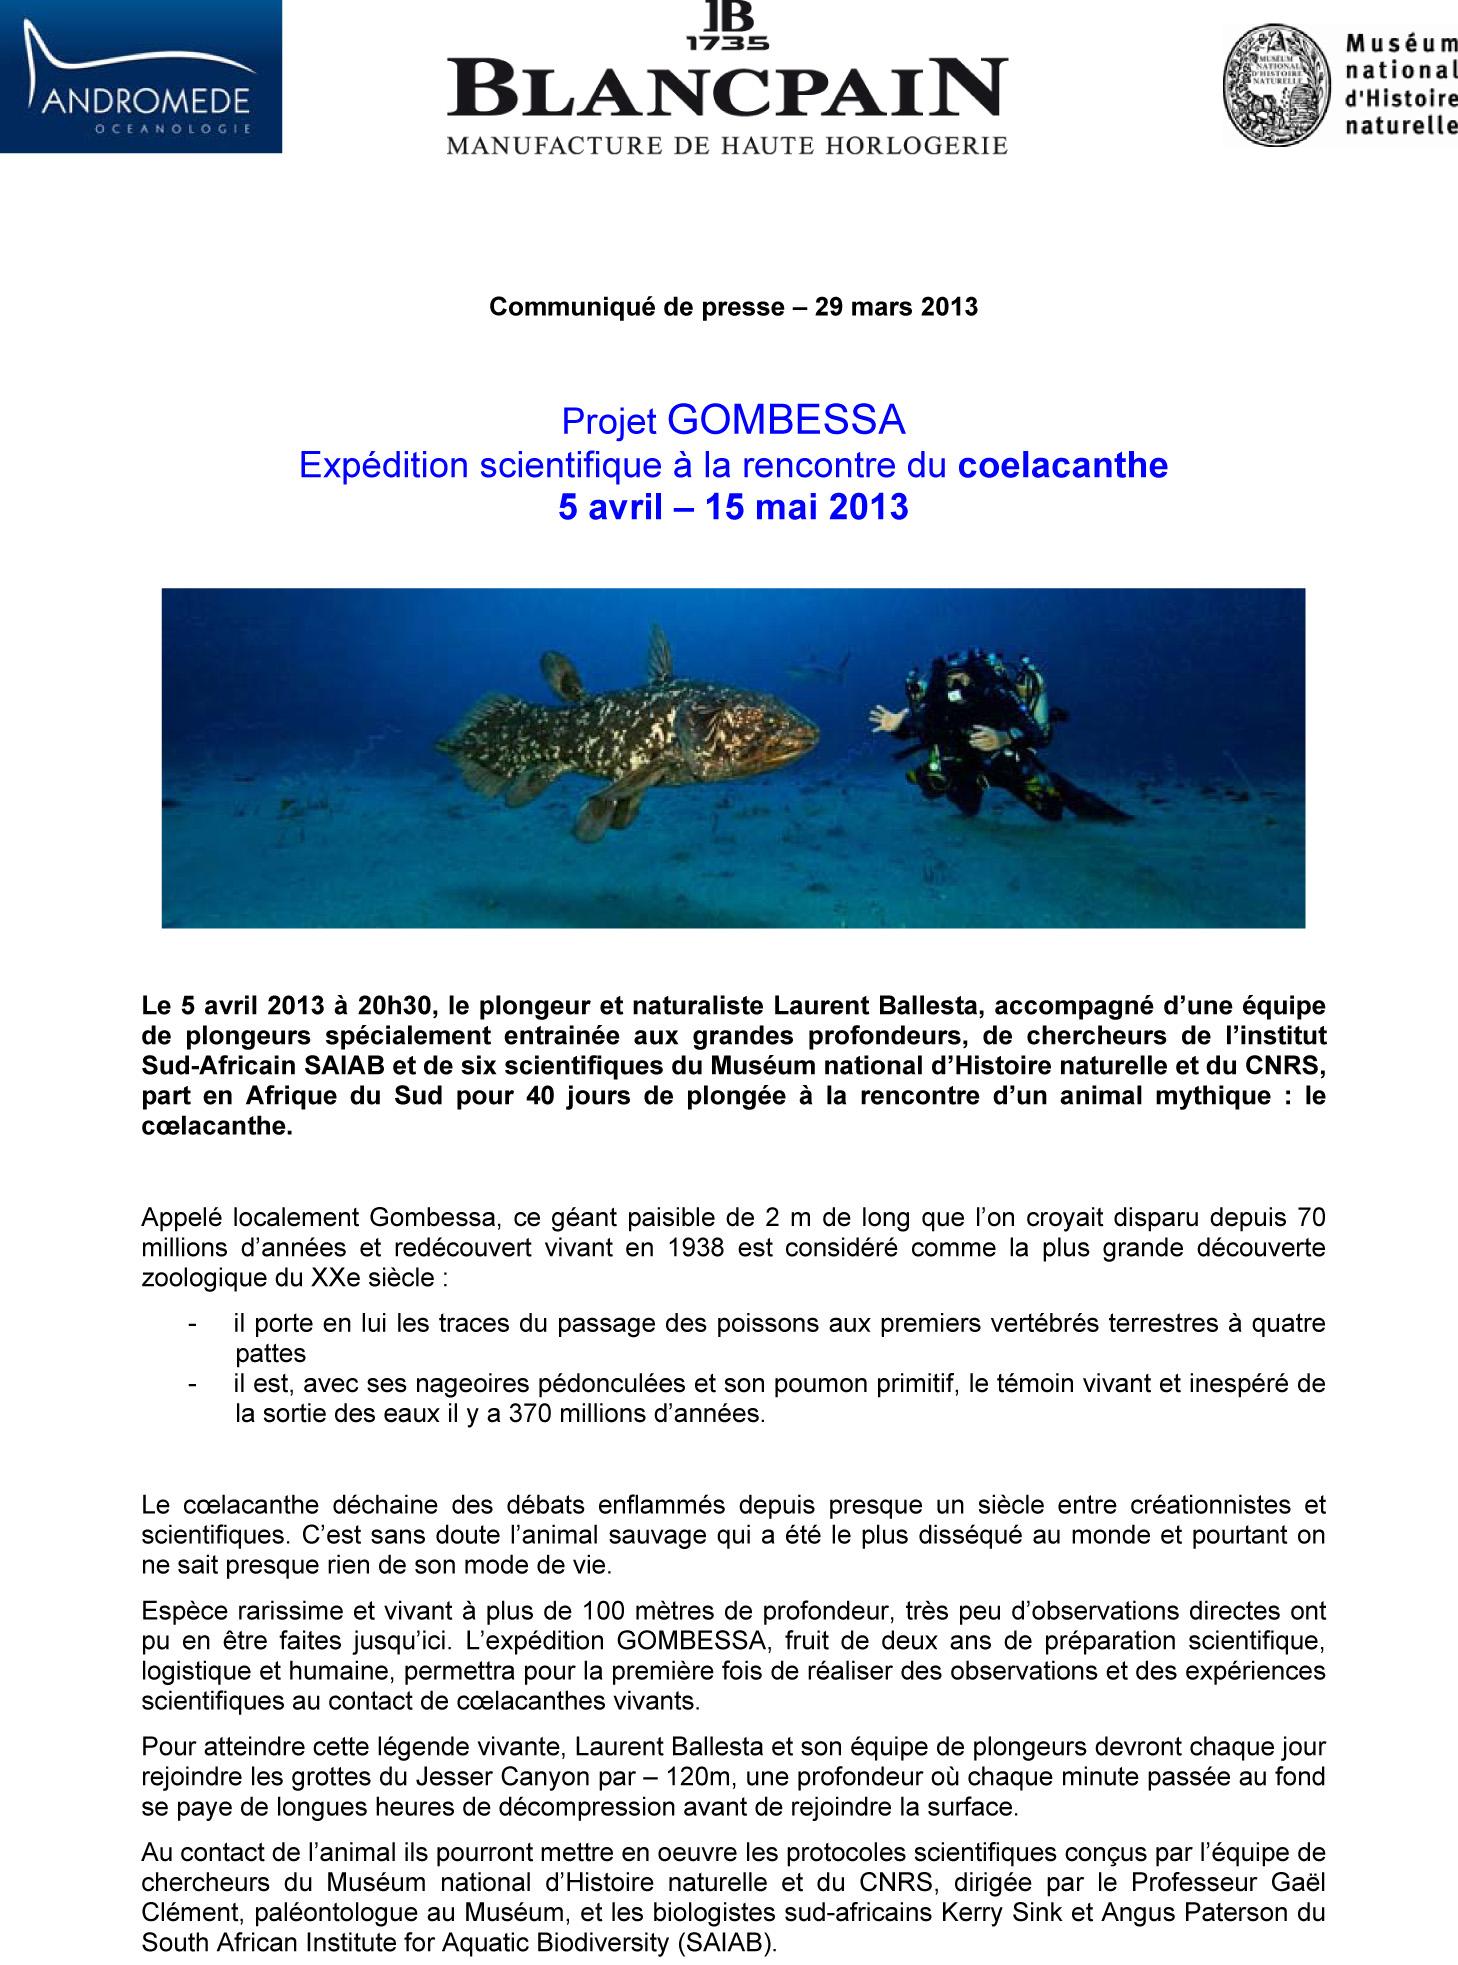 Microsoft Word - com presse GOMBESSA _2_-1.doc